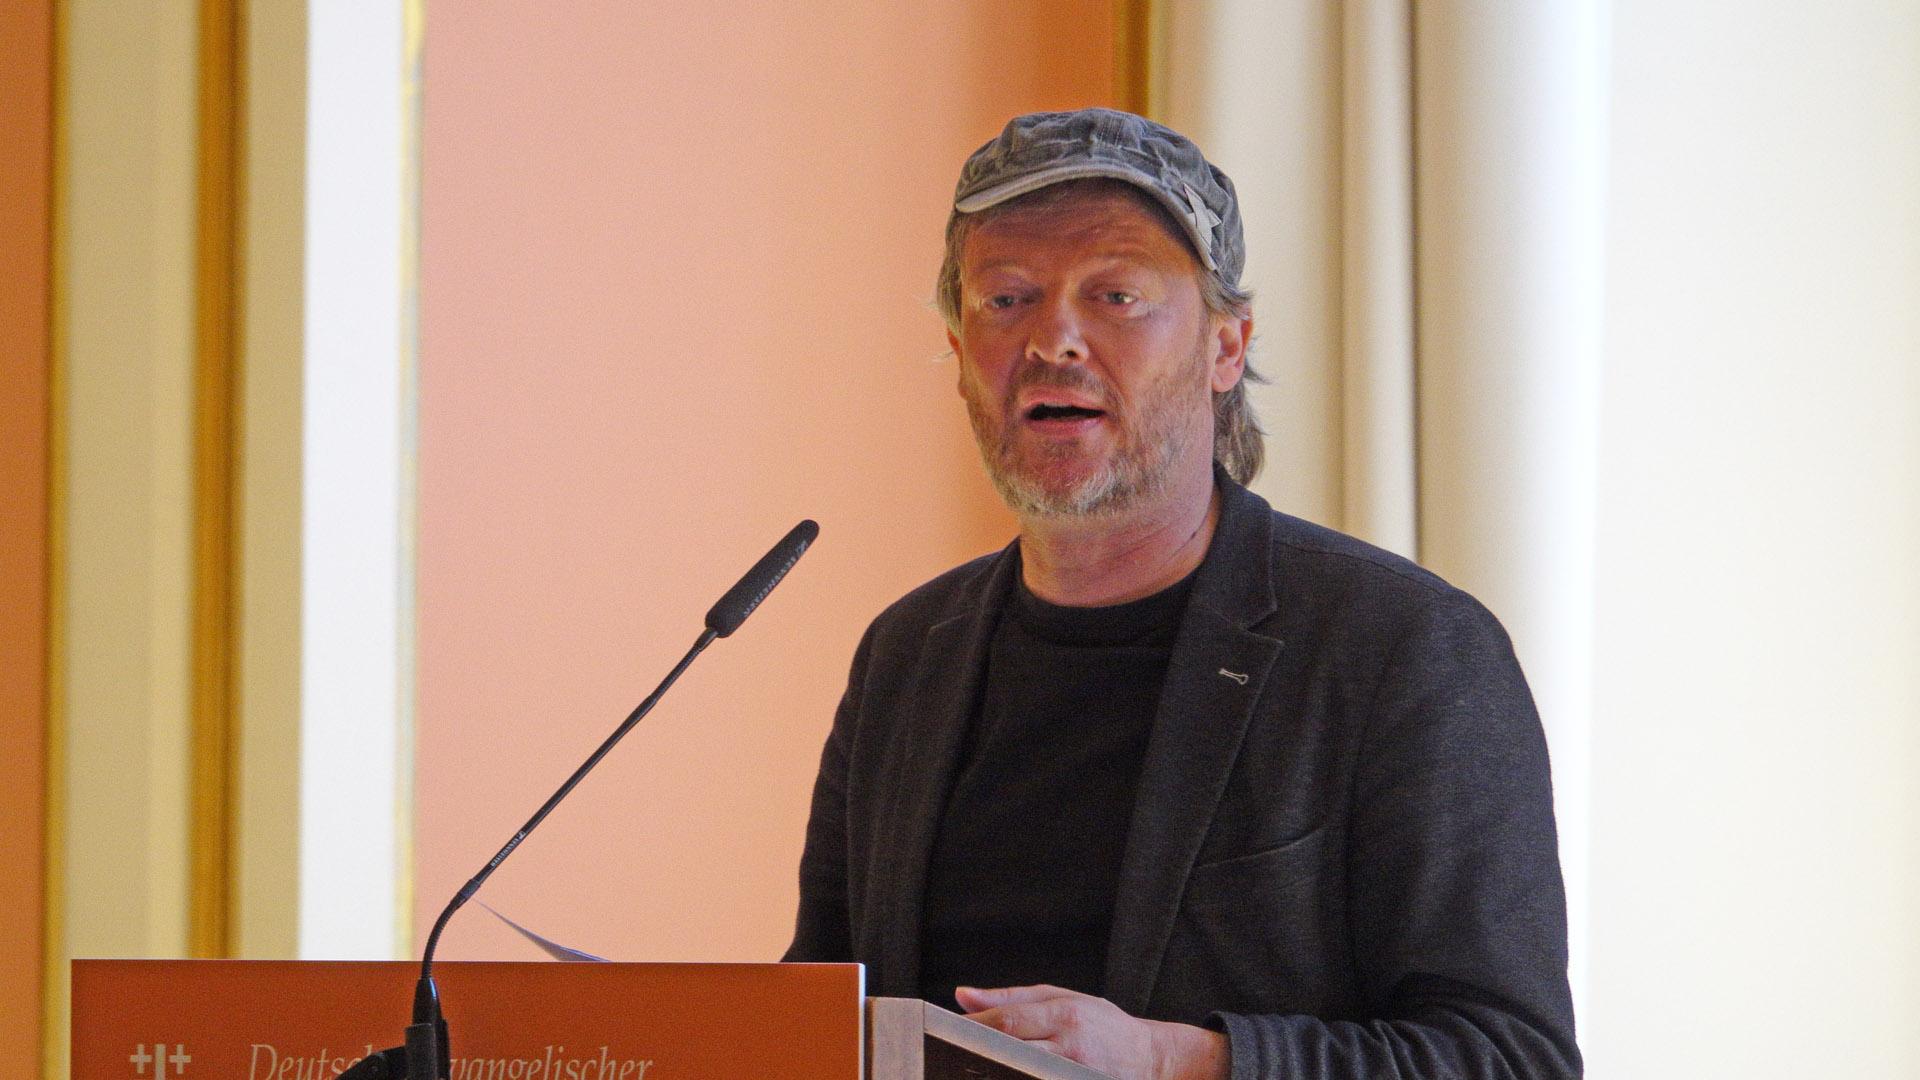 Der Philosoph Michael Schmidt-Salomon ist Vorstandssprecher der humanistischen Giordanon-Bruno-Stiftung und gilt als Religionskritiker. Er setzt sich unter anderem für die Sterbehilfe ein.